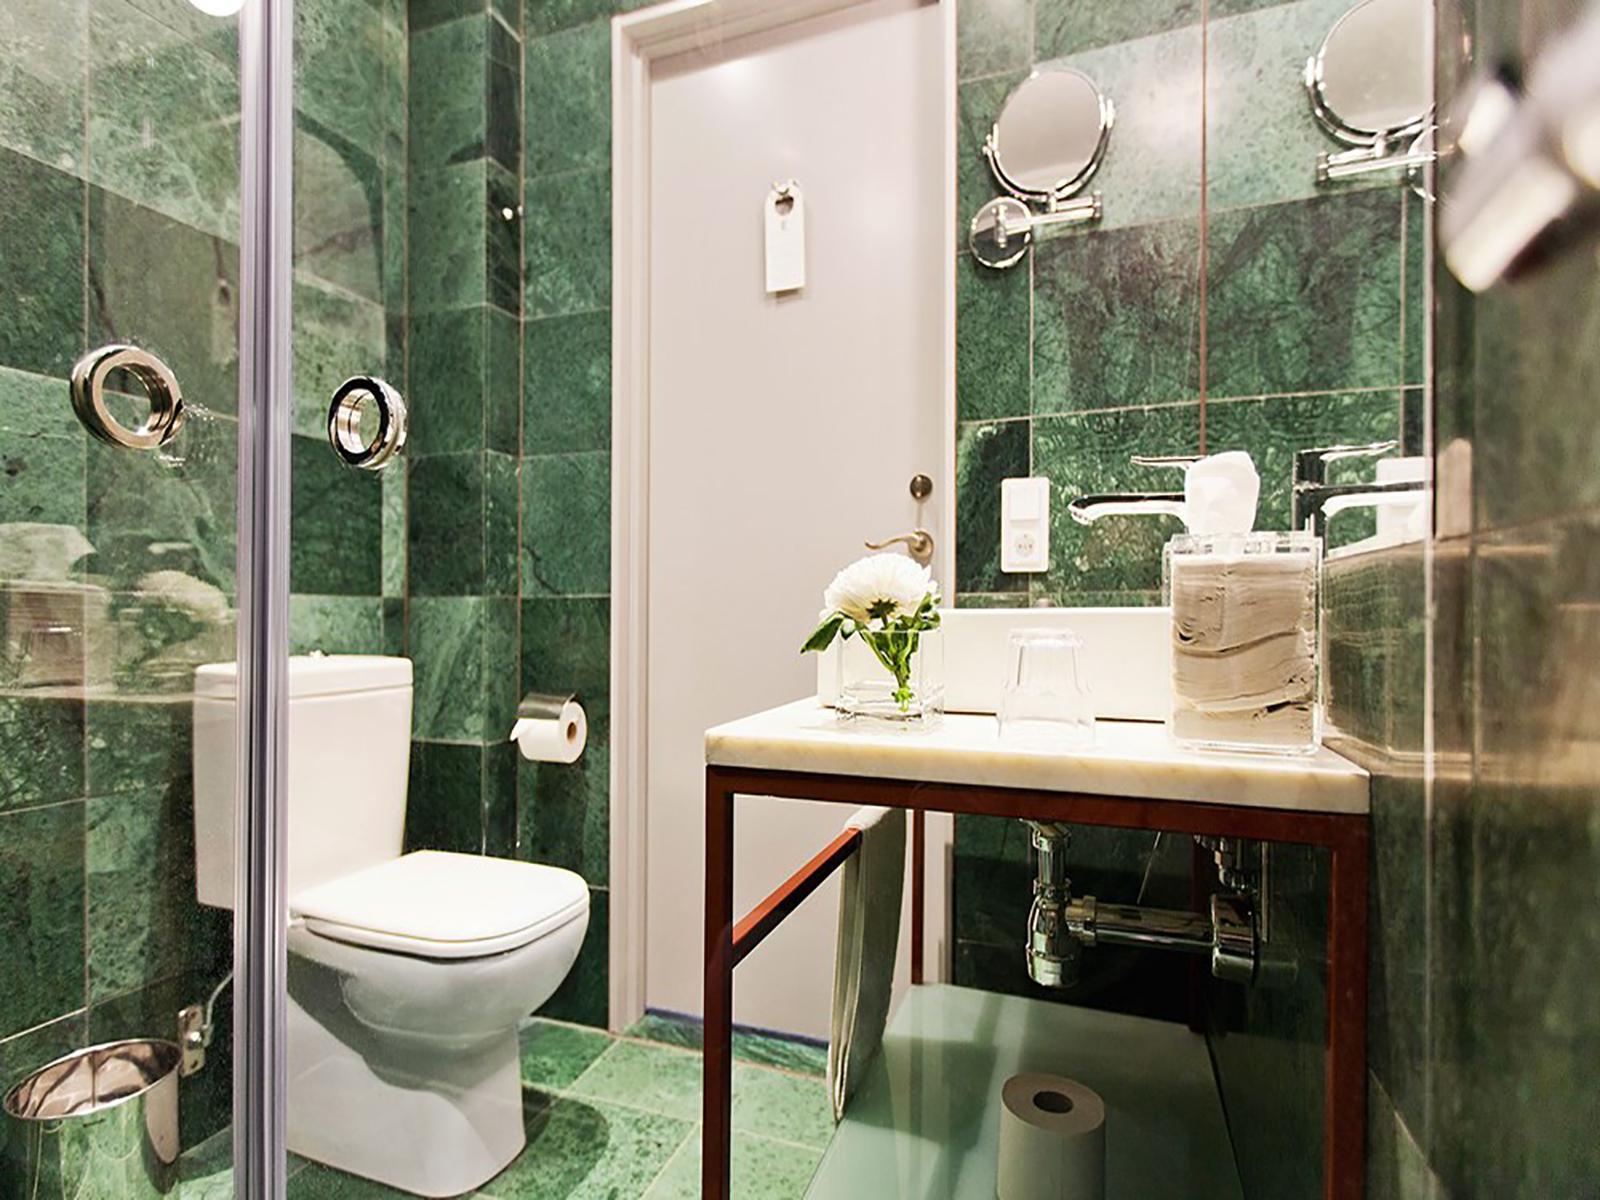 hotel med jacuzzi på værelset jylland thai massage amager boulevard